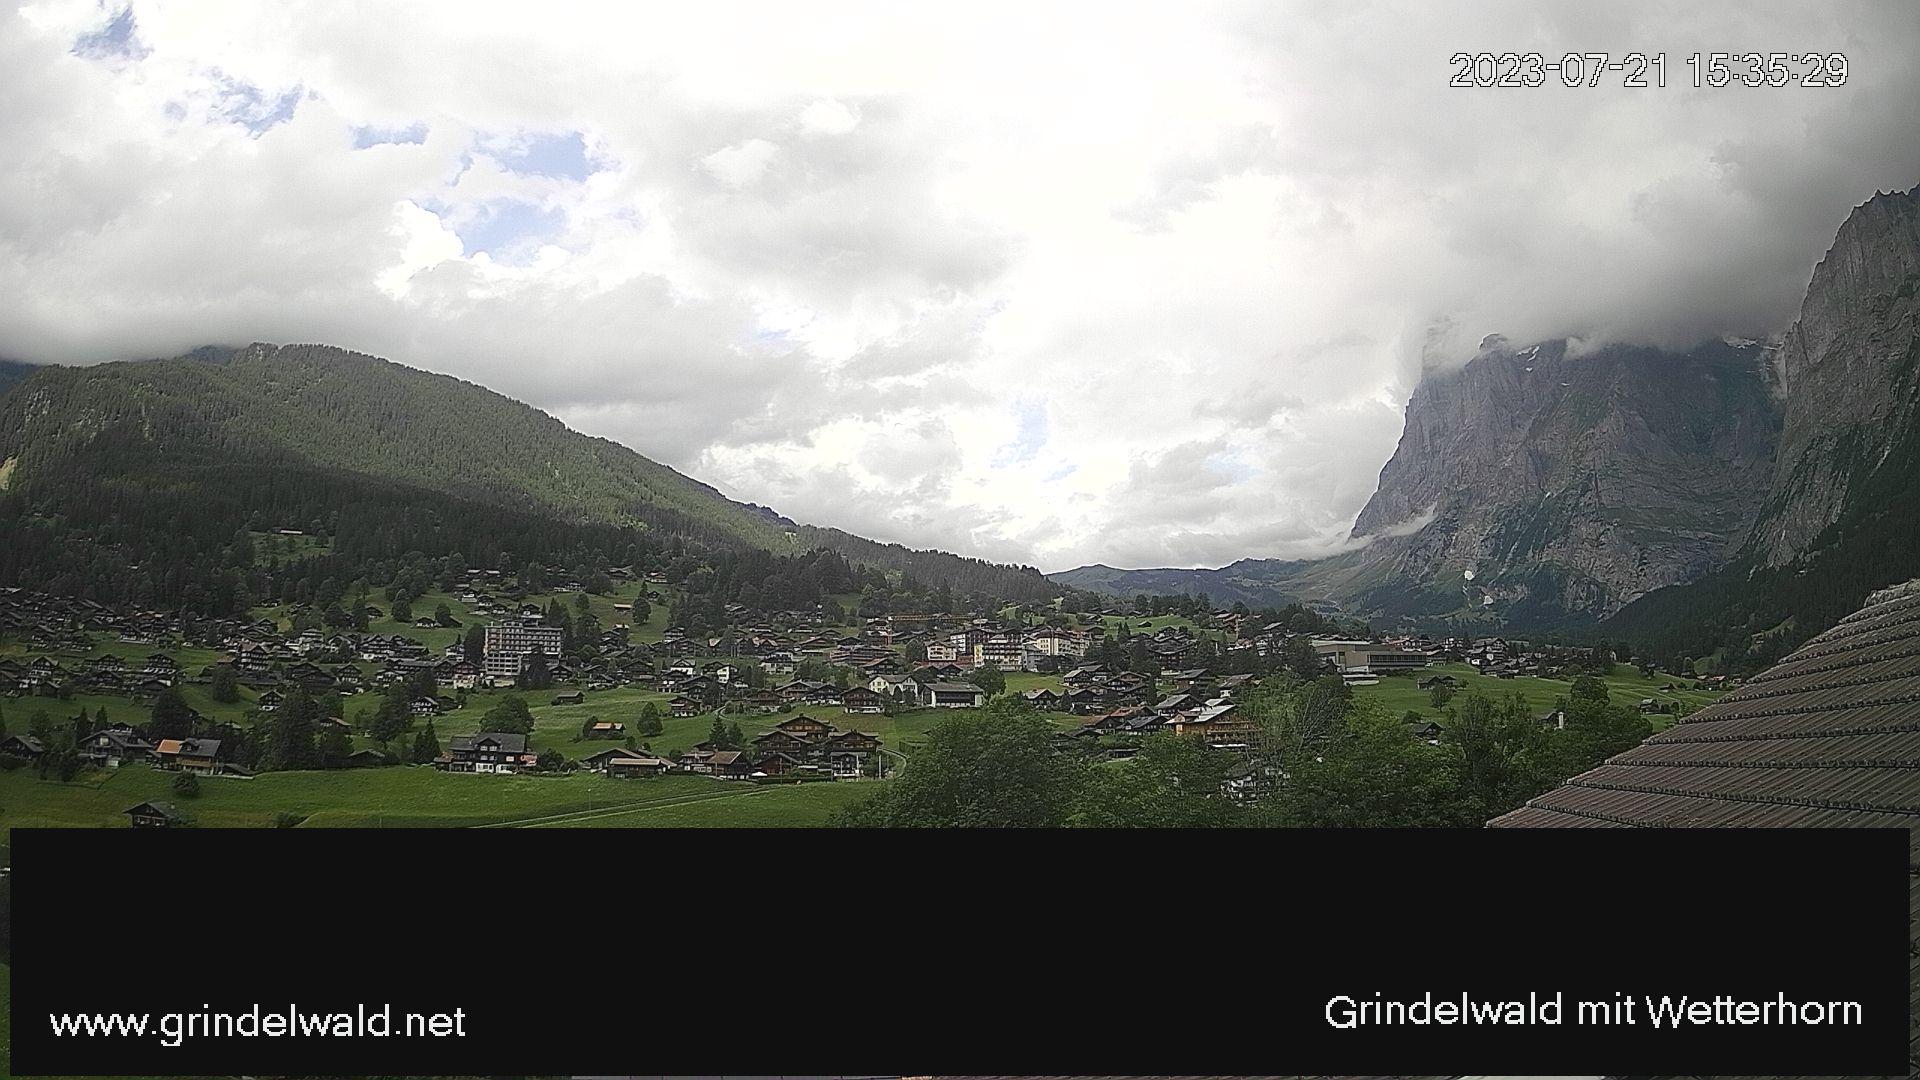 Grindelwald Wetterhorn